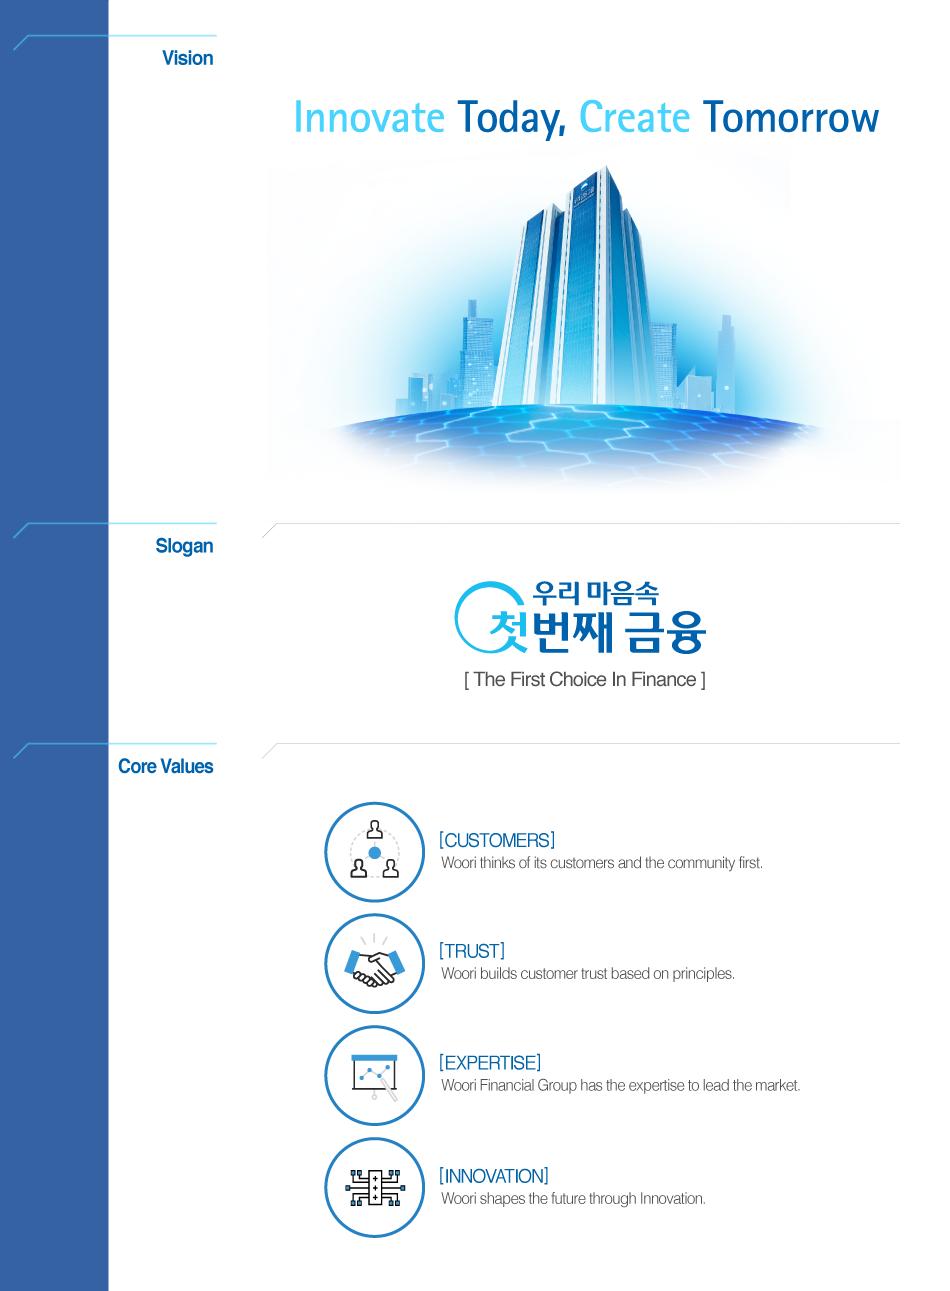 우리나라 1등은행 대한민국을 대표하는 글로벌 리딩뱅크